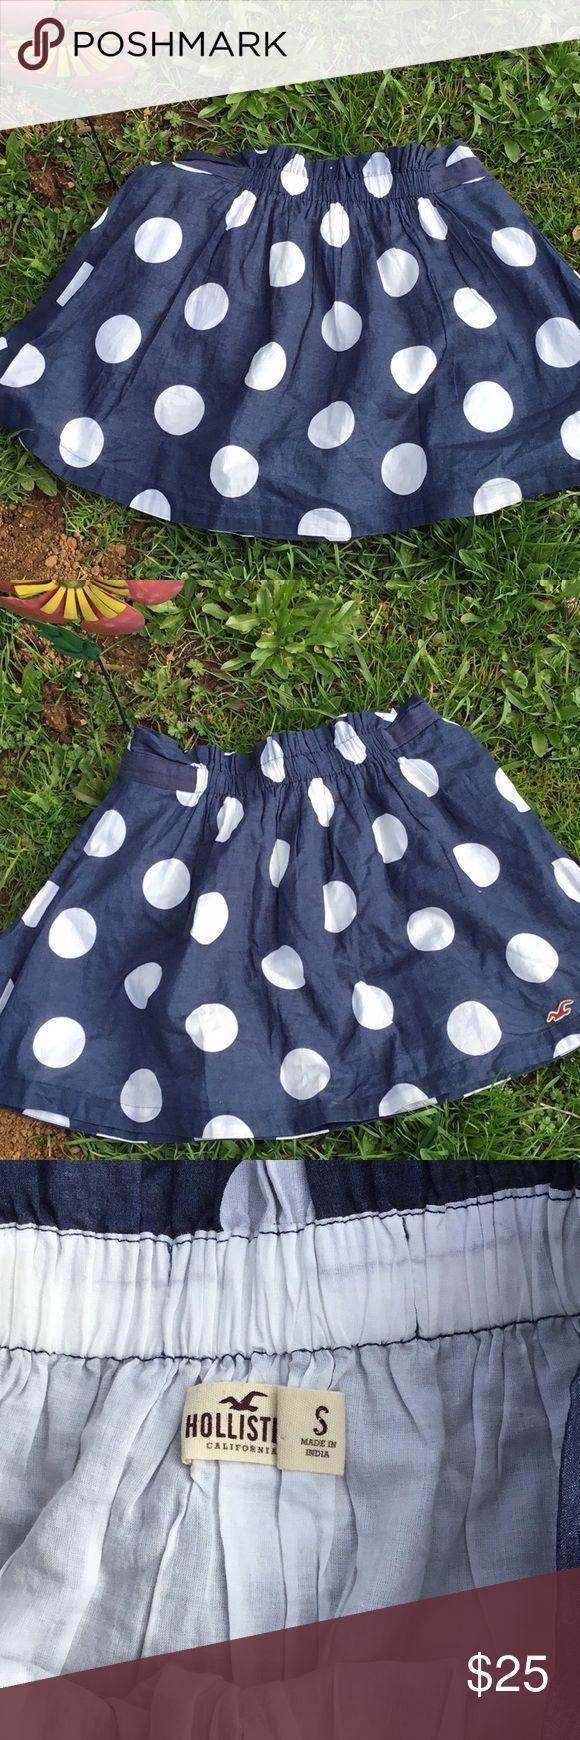 Hollister skirt Hollister polka dot skirt Hollister Skirts Mini